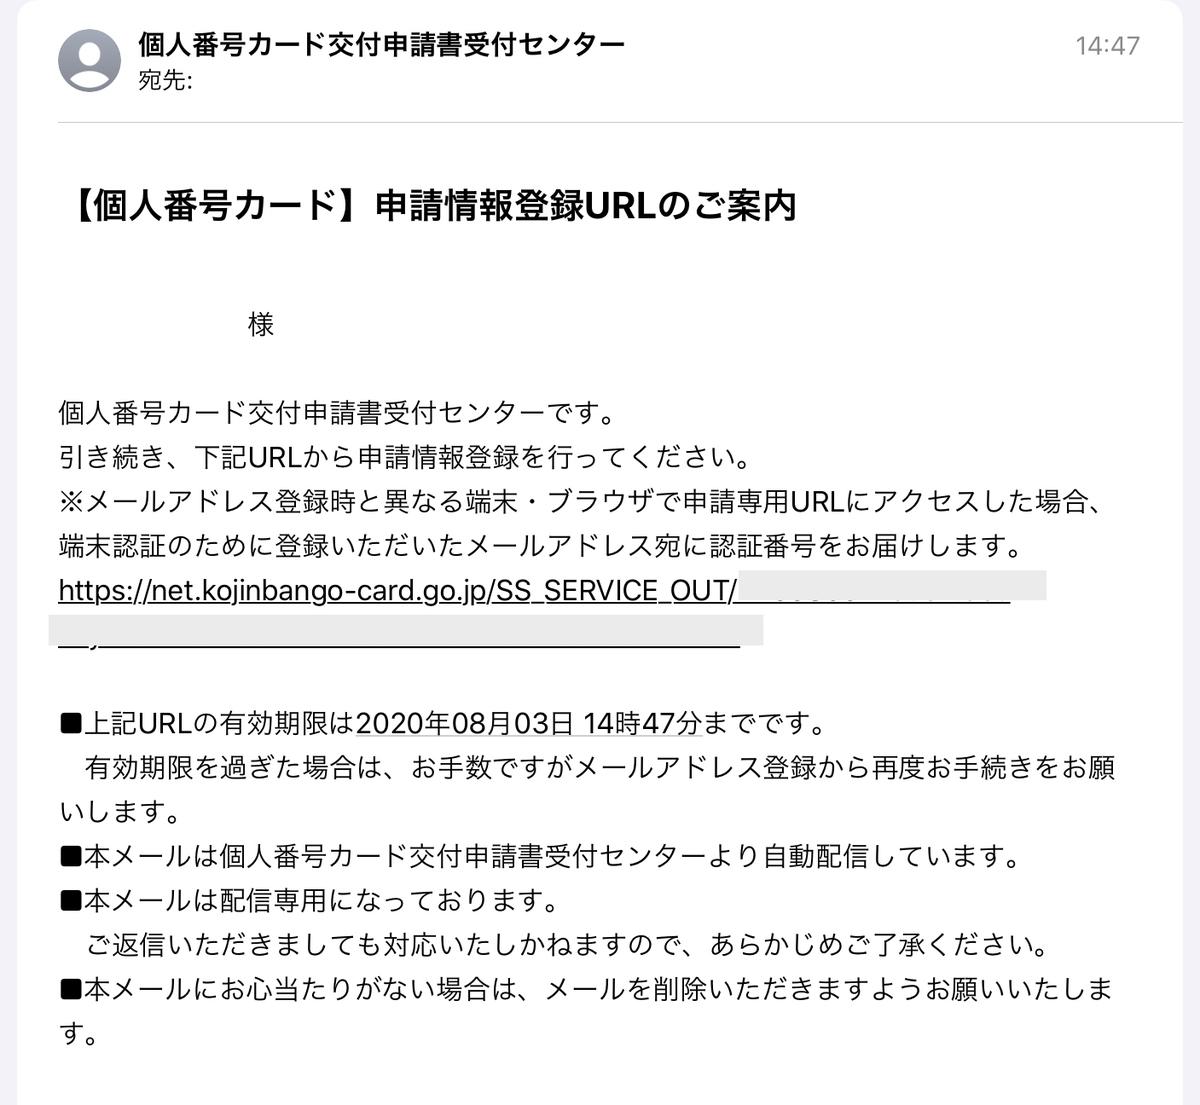 f:id:kayoko_cafe:20200802160722j:plain